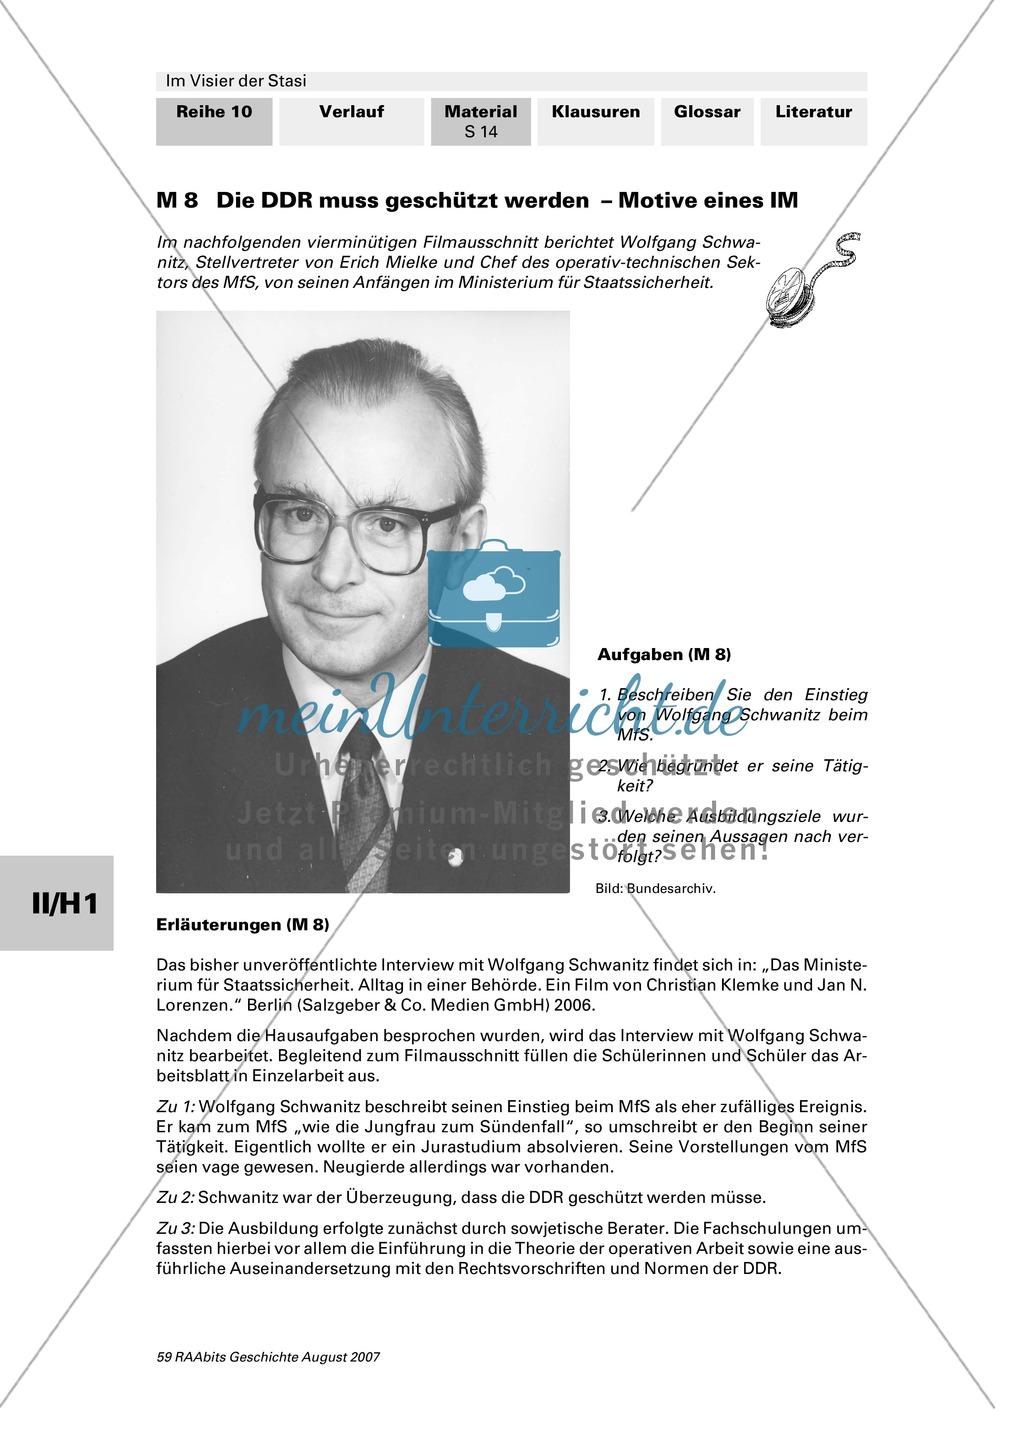 Die Stasi - Machtinstrument totalitärer Herrschaft: Die Mitarbeiter des MfS Preview 2